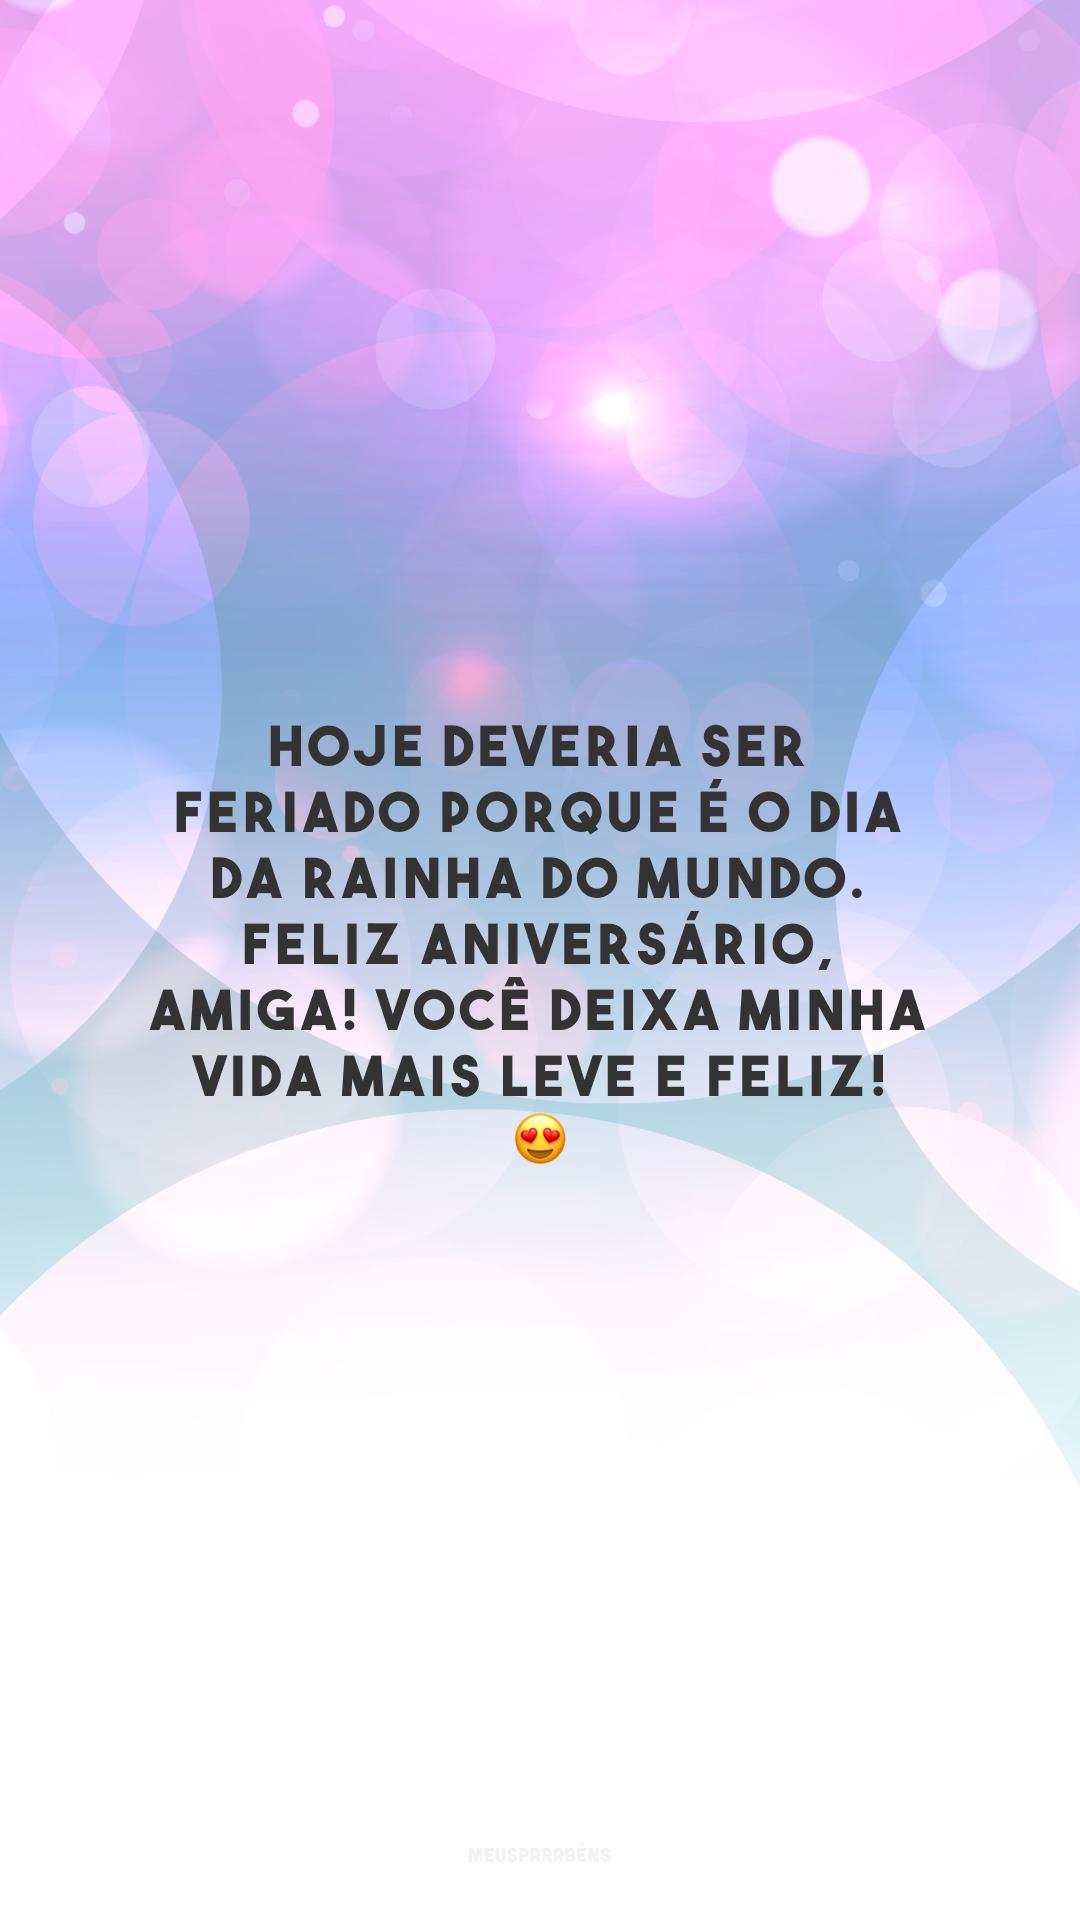 Hoje deveria ser feriado porque é o dia da rainha do mundo. Feliz aniversário, amiga! Você deixa minha vida mais leve e feliz! 😍